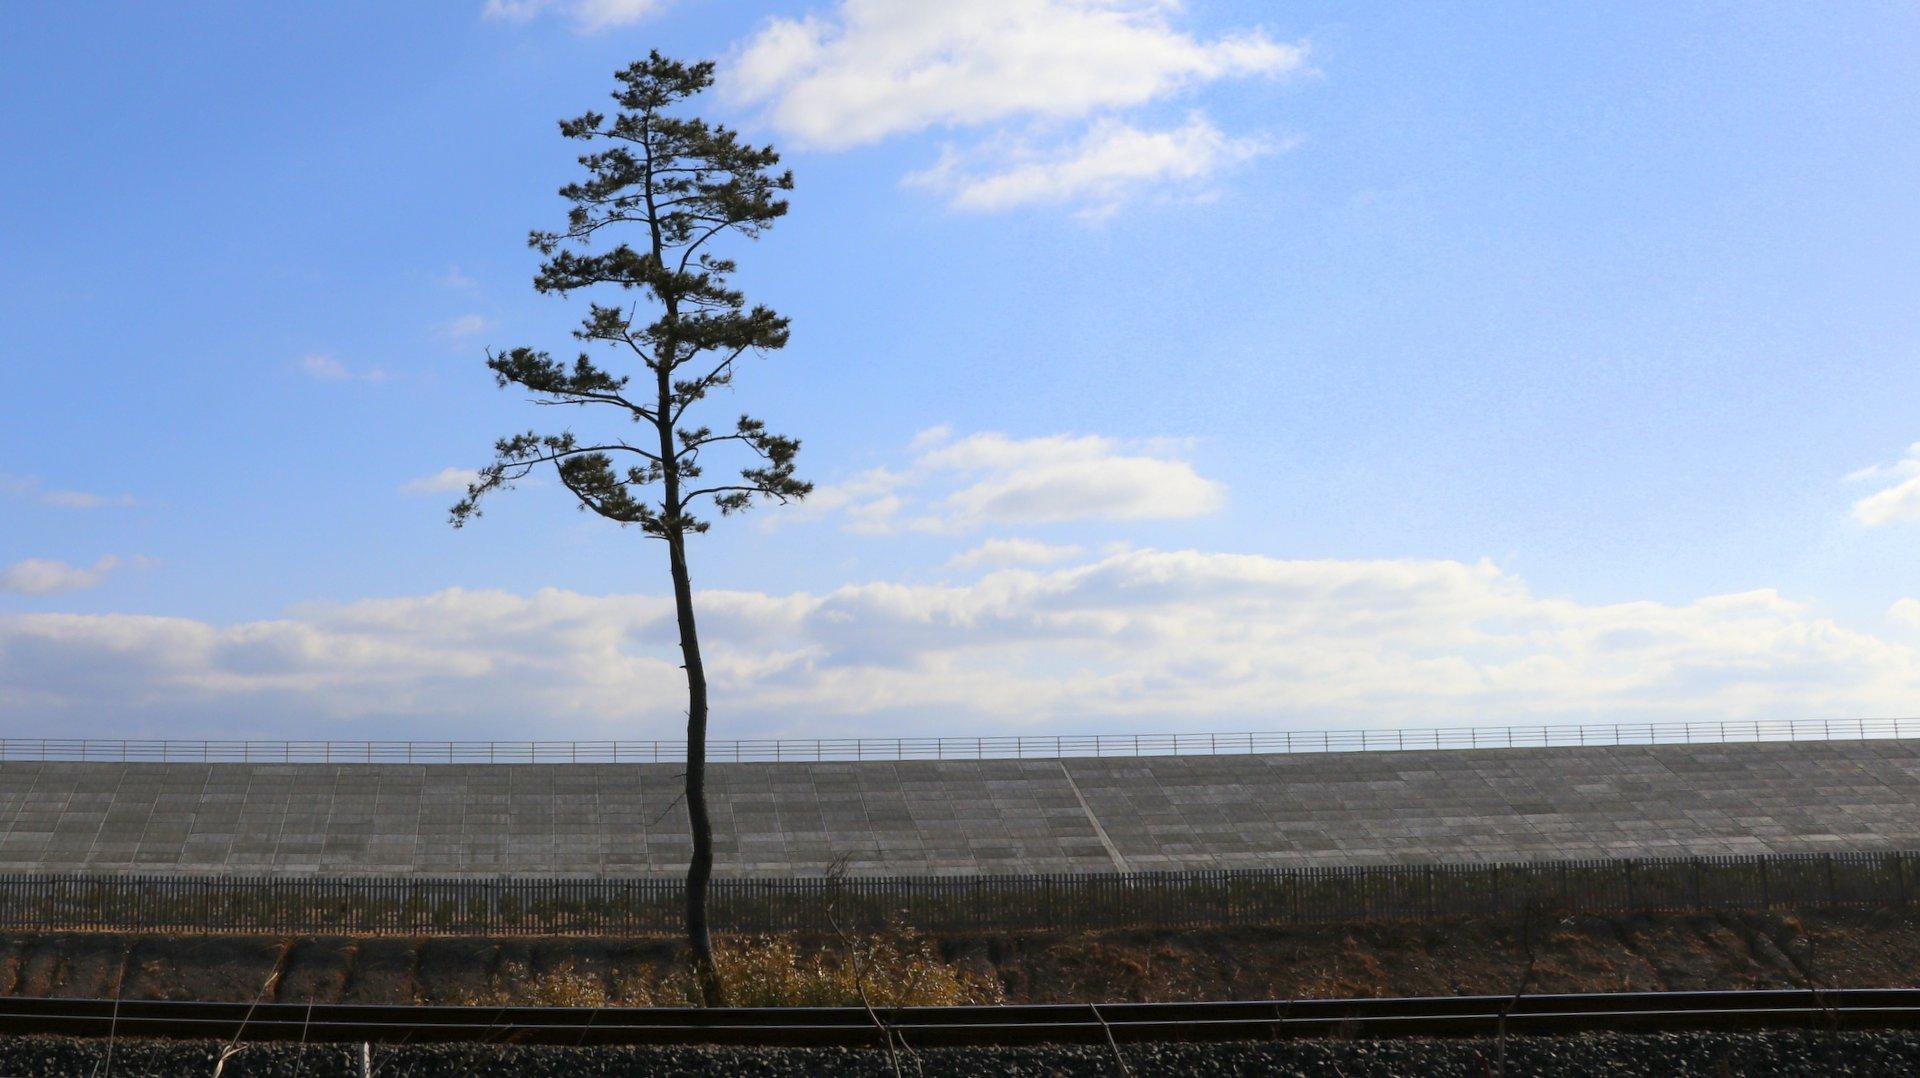 黒松の木(岩手県野田村)